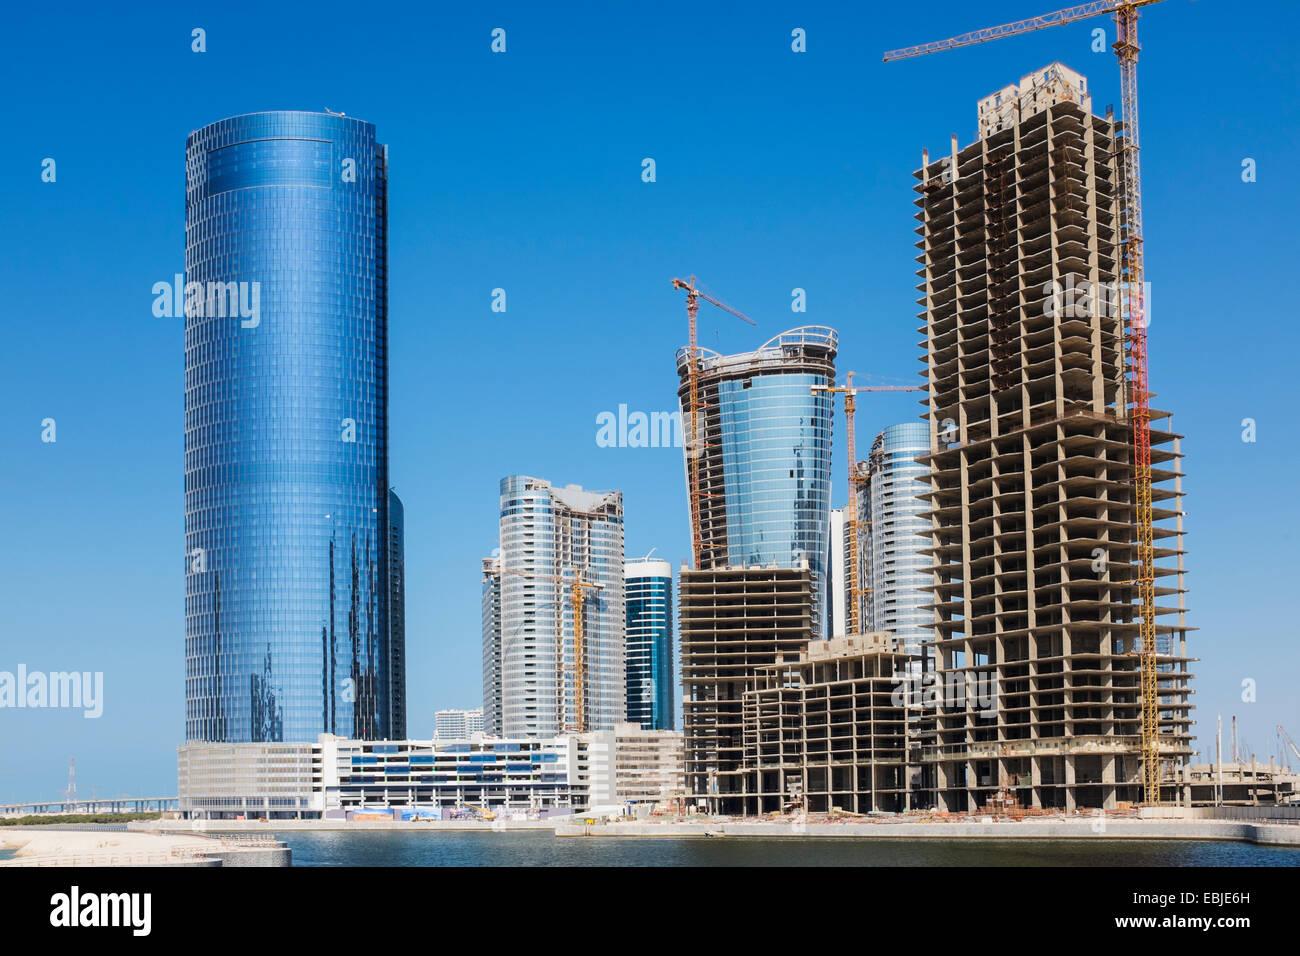 Moderno y de gran altura edificios residenciales y de oficinas en construcción en la ciudad de luces encendidas Imagen De Stock